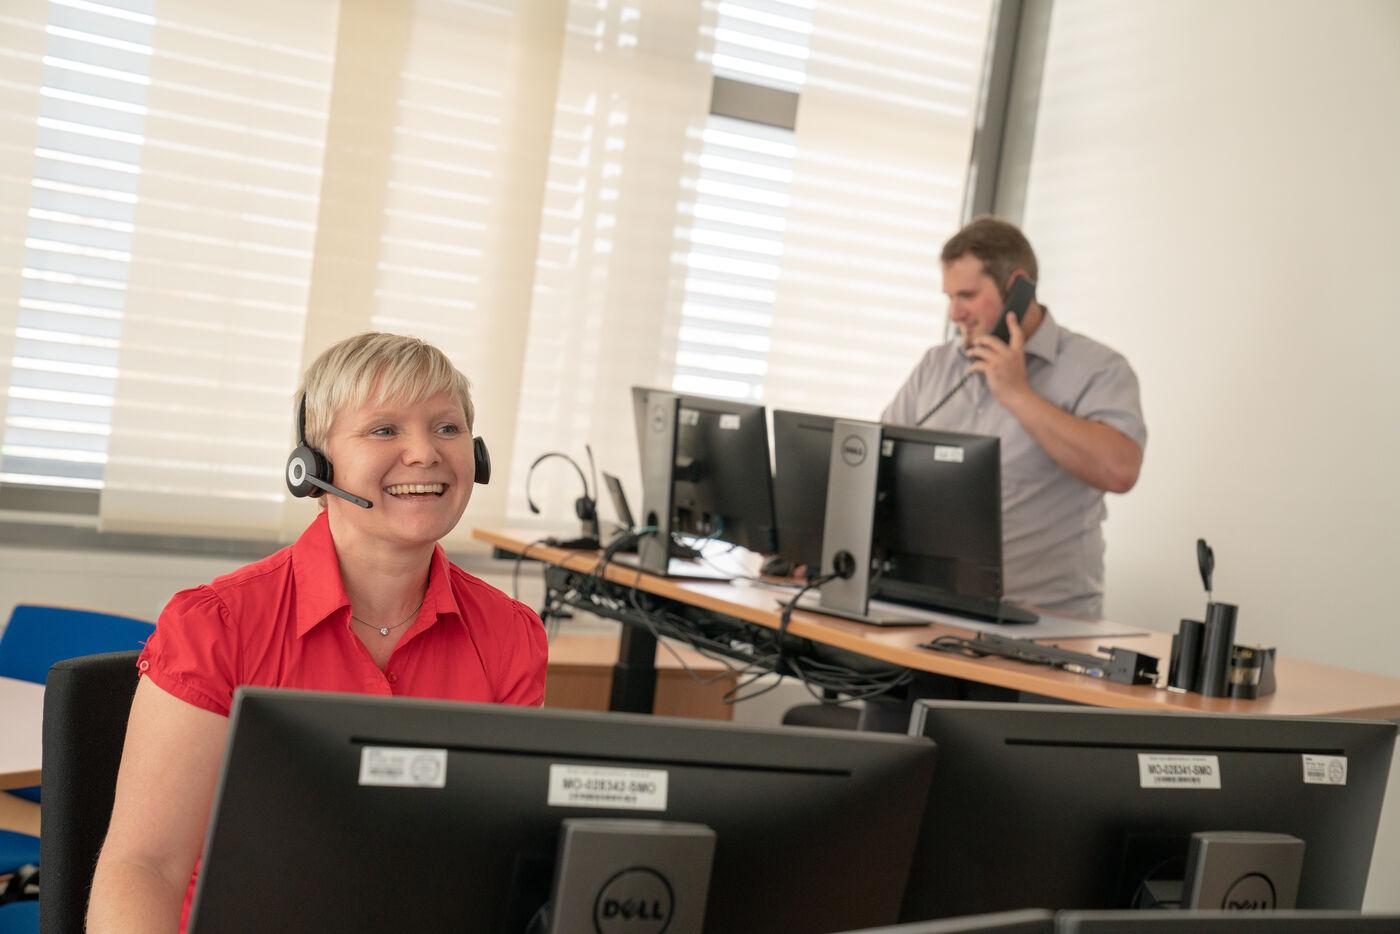 Mitarbeiter Arbeitsvorbereitung (m/w/d) für die Auftragserfassung - Job Münster - smartOPTIMO: Stellenangebote